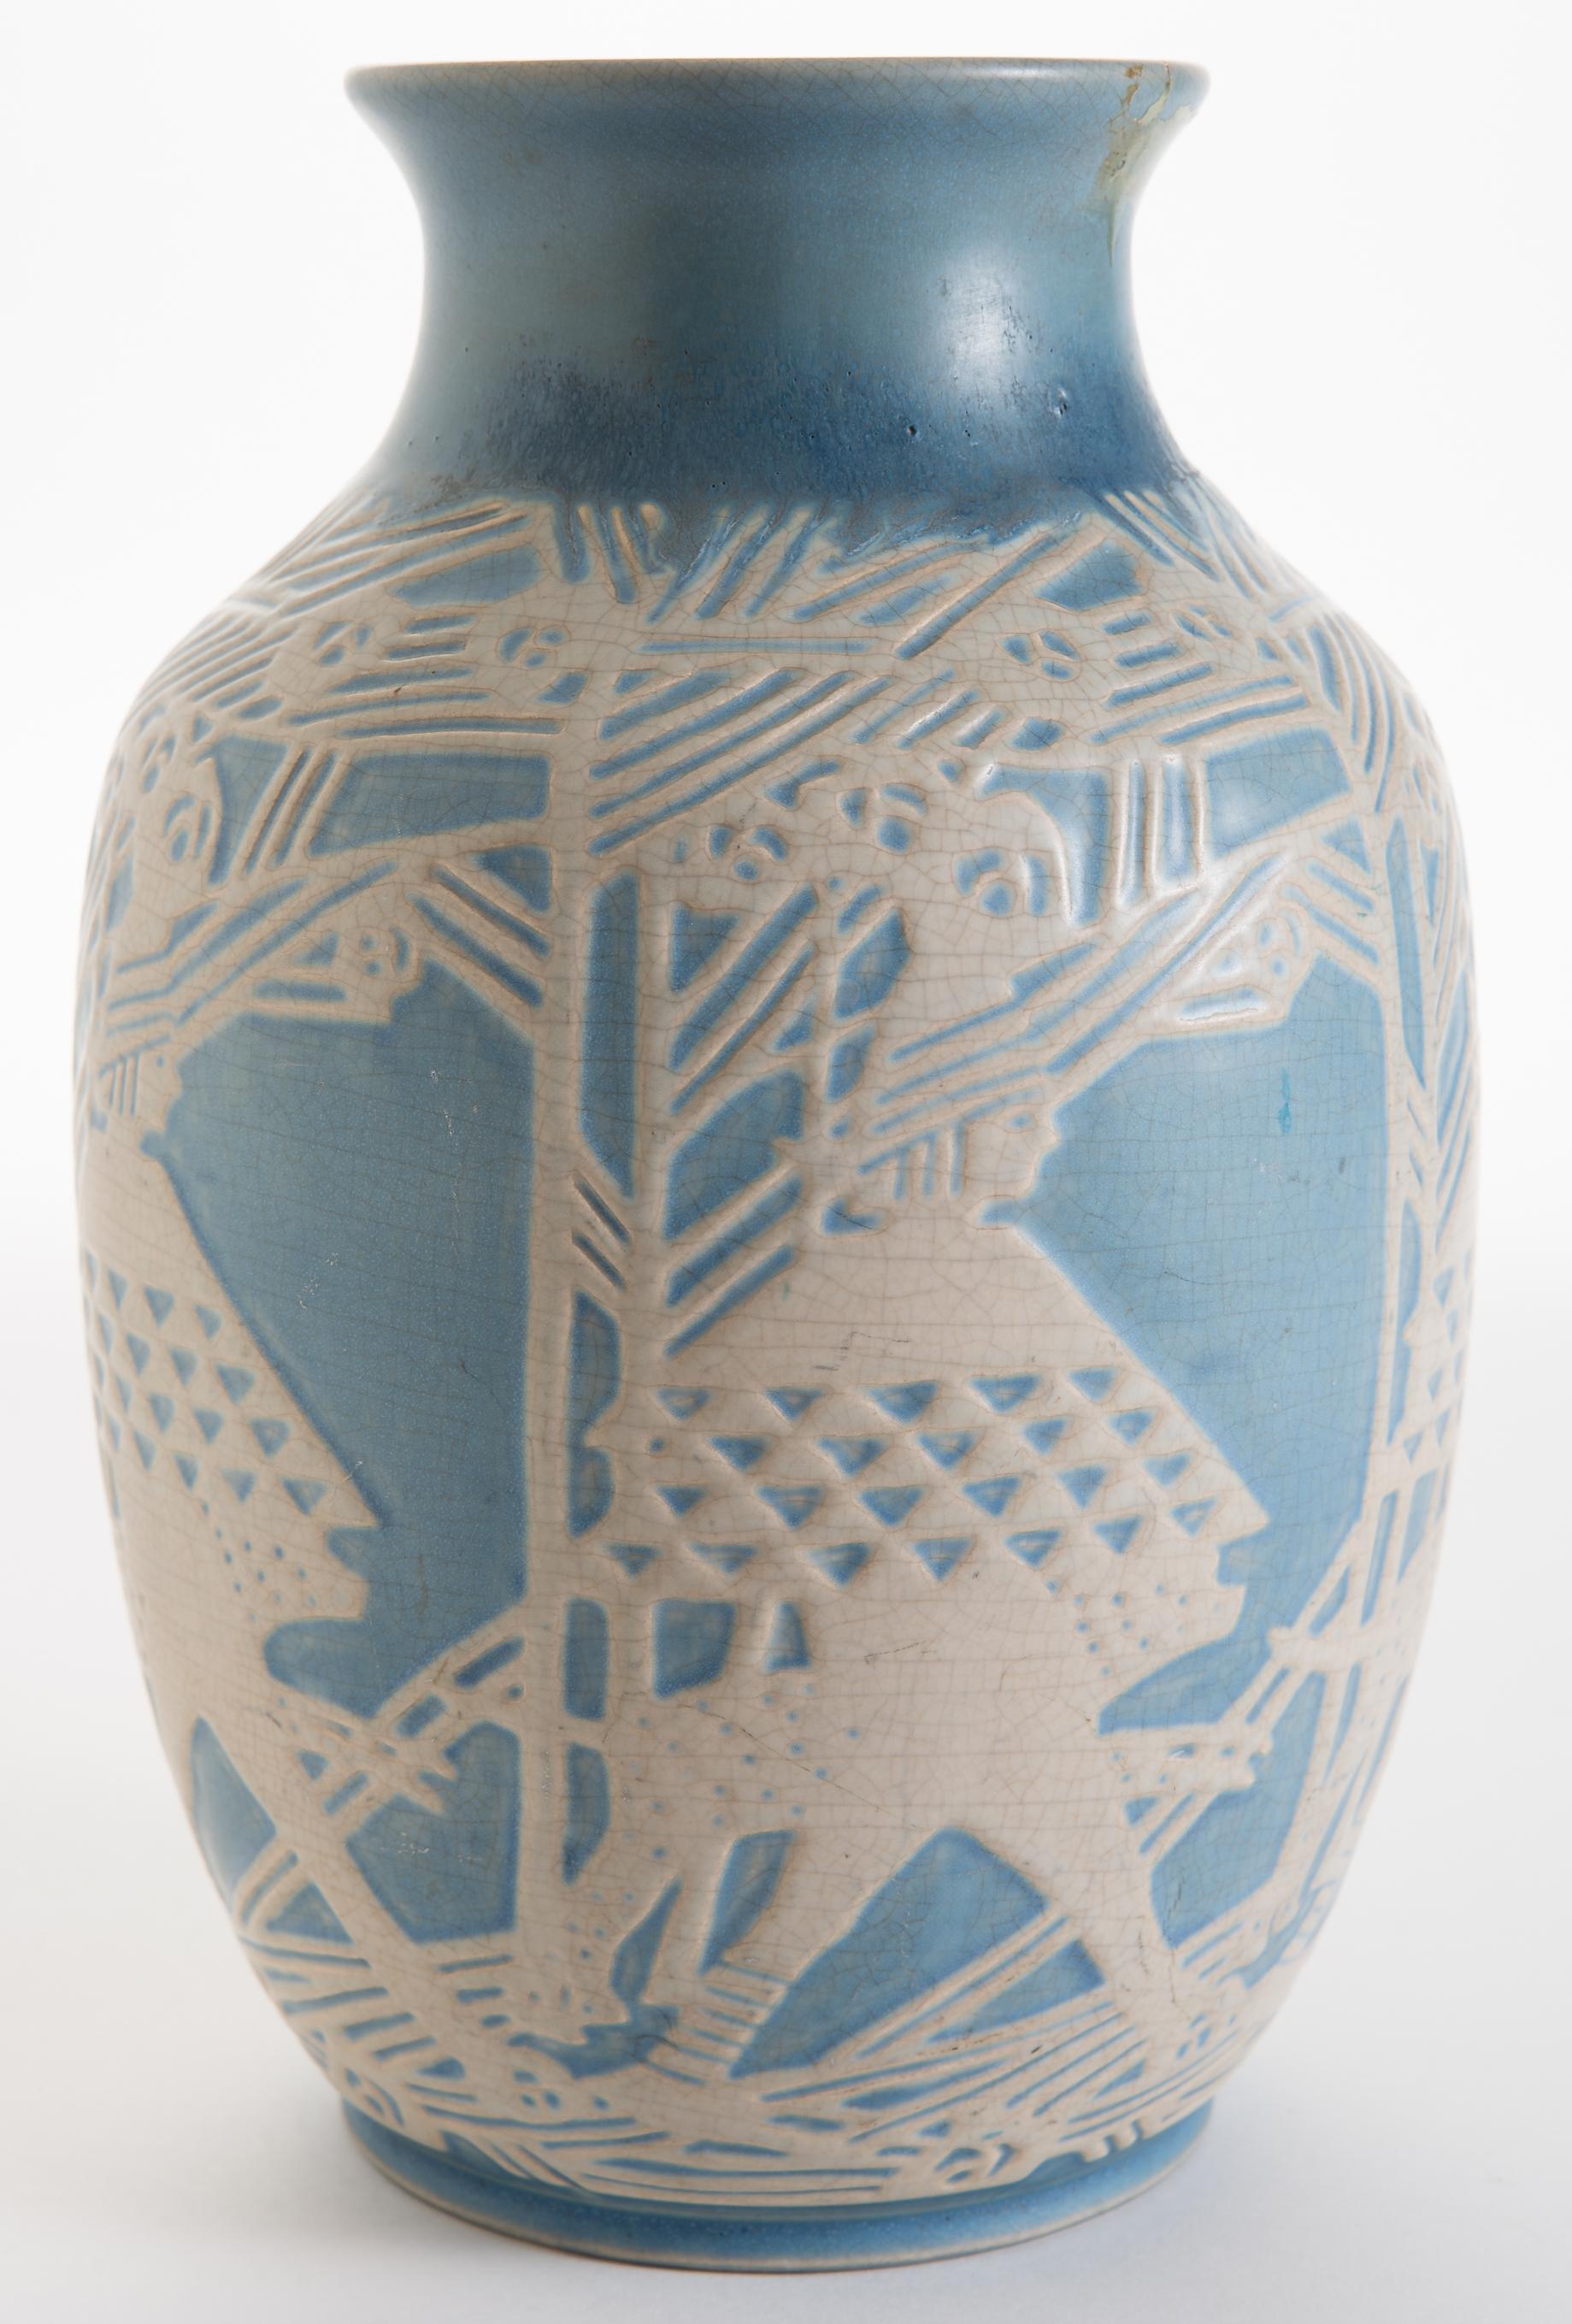 Lot fine overbeck carved pottery vase manifest